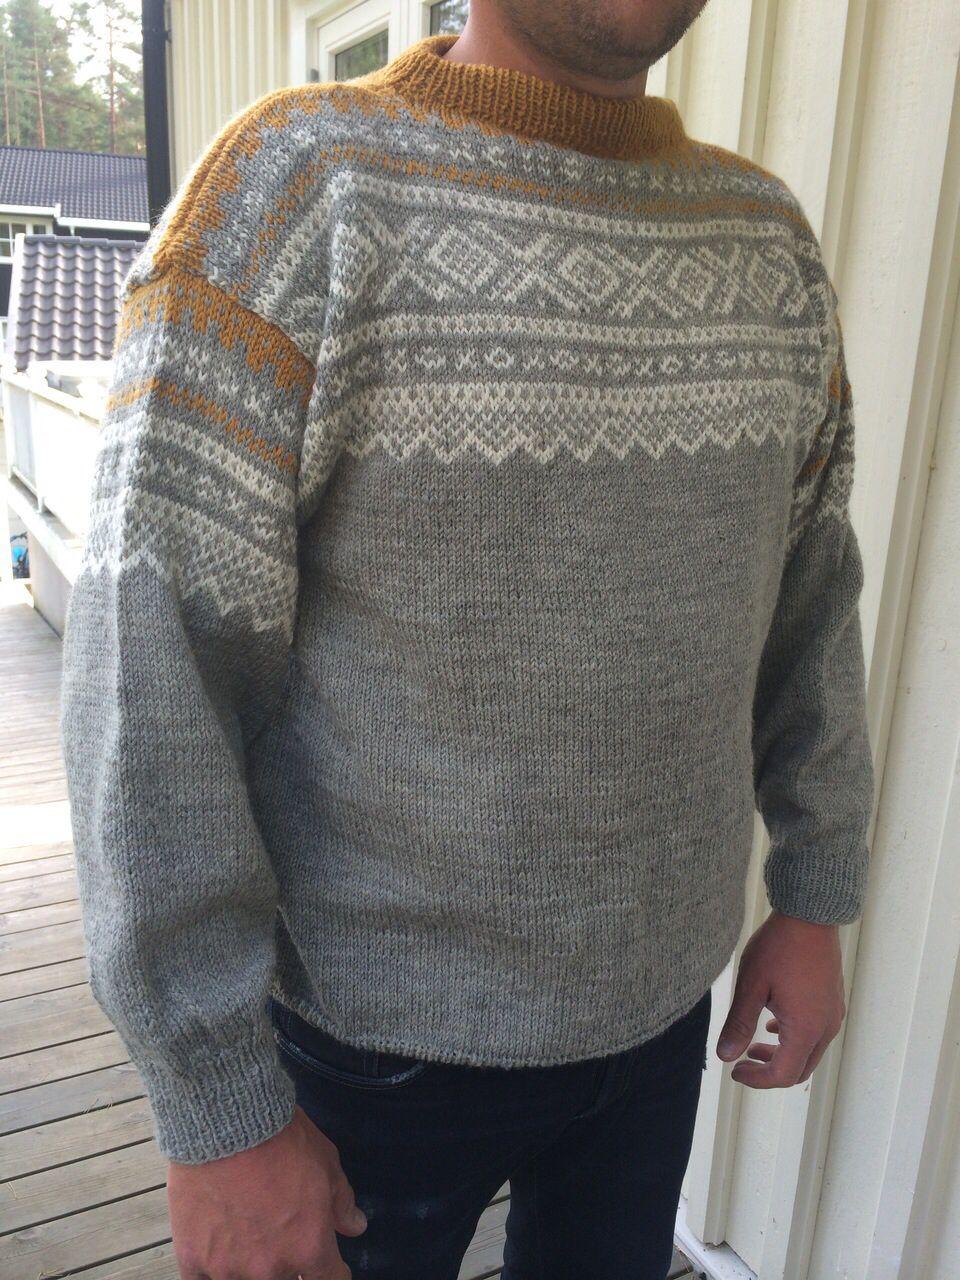 b9b62ab0 Mariusgenser i grå og sennepsgul | Knitting | Genser, Strikk og ...